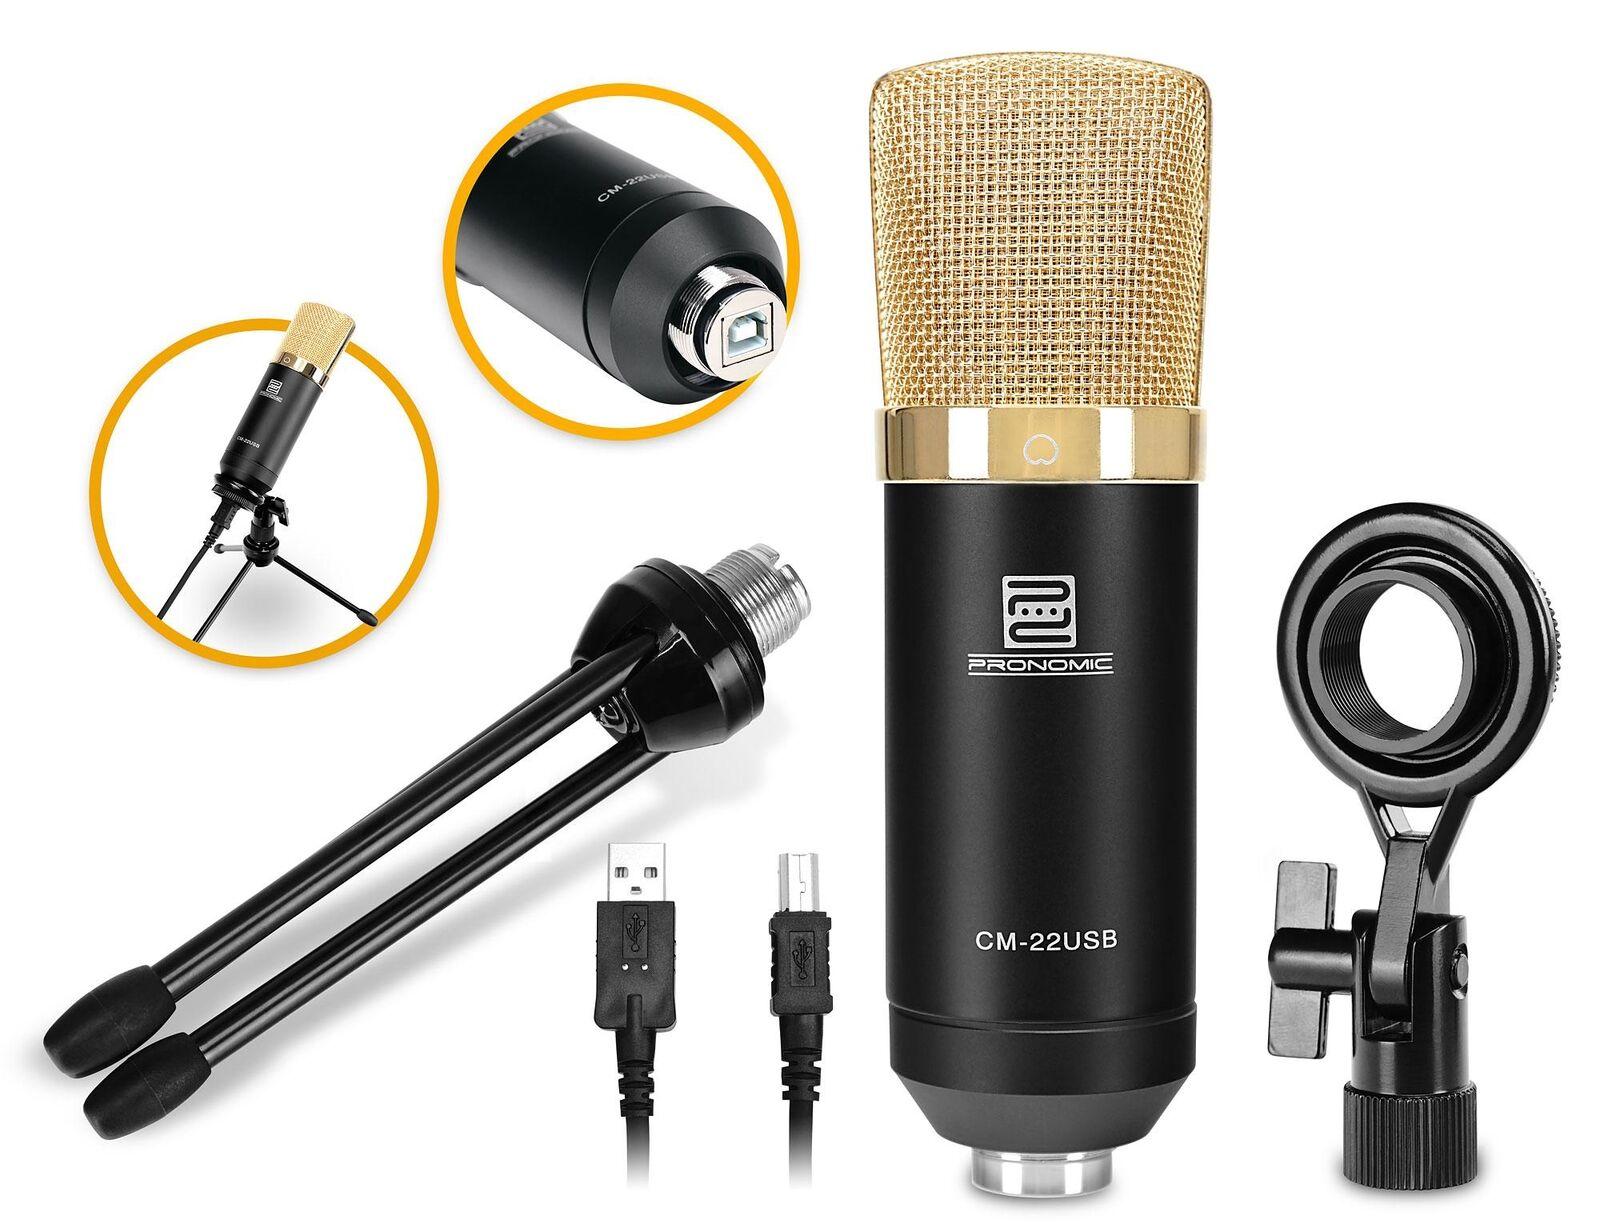 Profesional USB grande membrana-micrófono membrana-micrófono membrana-micrófono de estudio con trípode para win ios & android  100% garantía genuina de contador